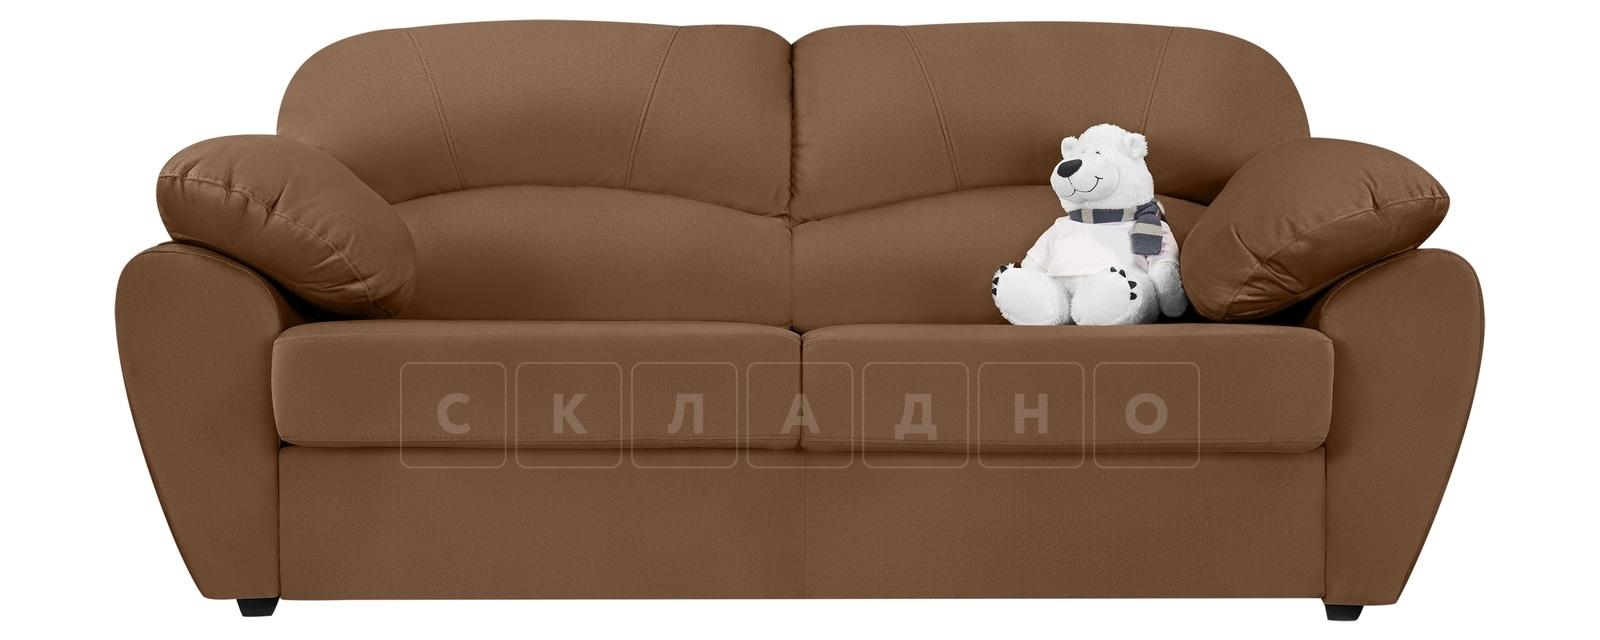 Диван Эвита велюр коричневого цвета фото 2 | интернет-магазин Складно